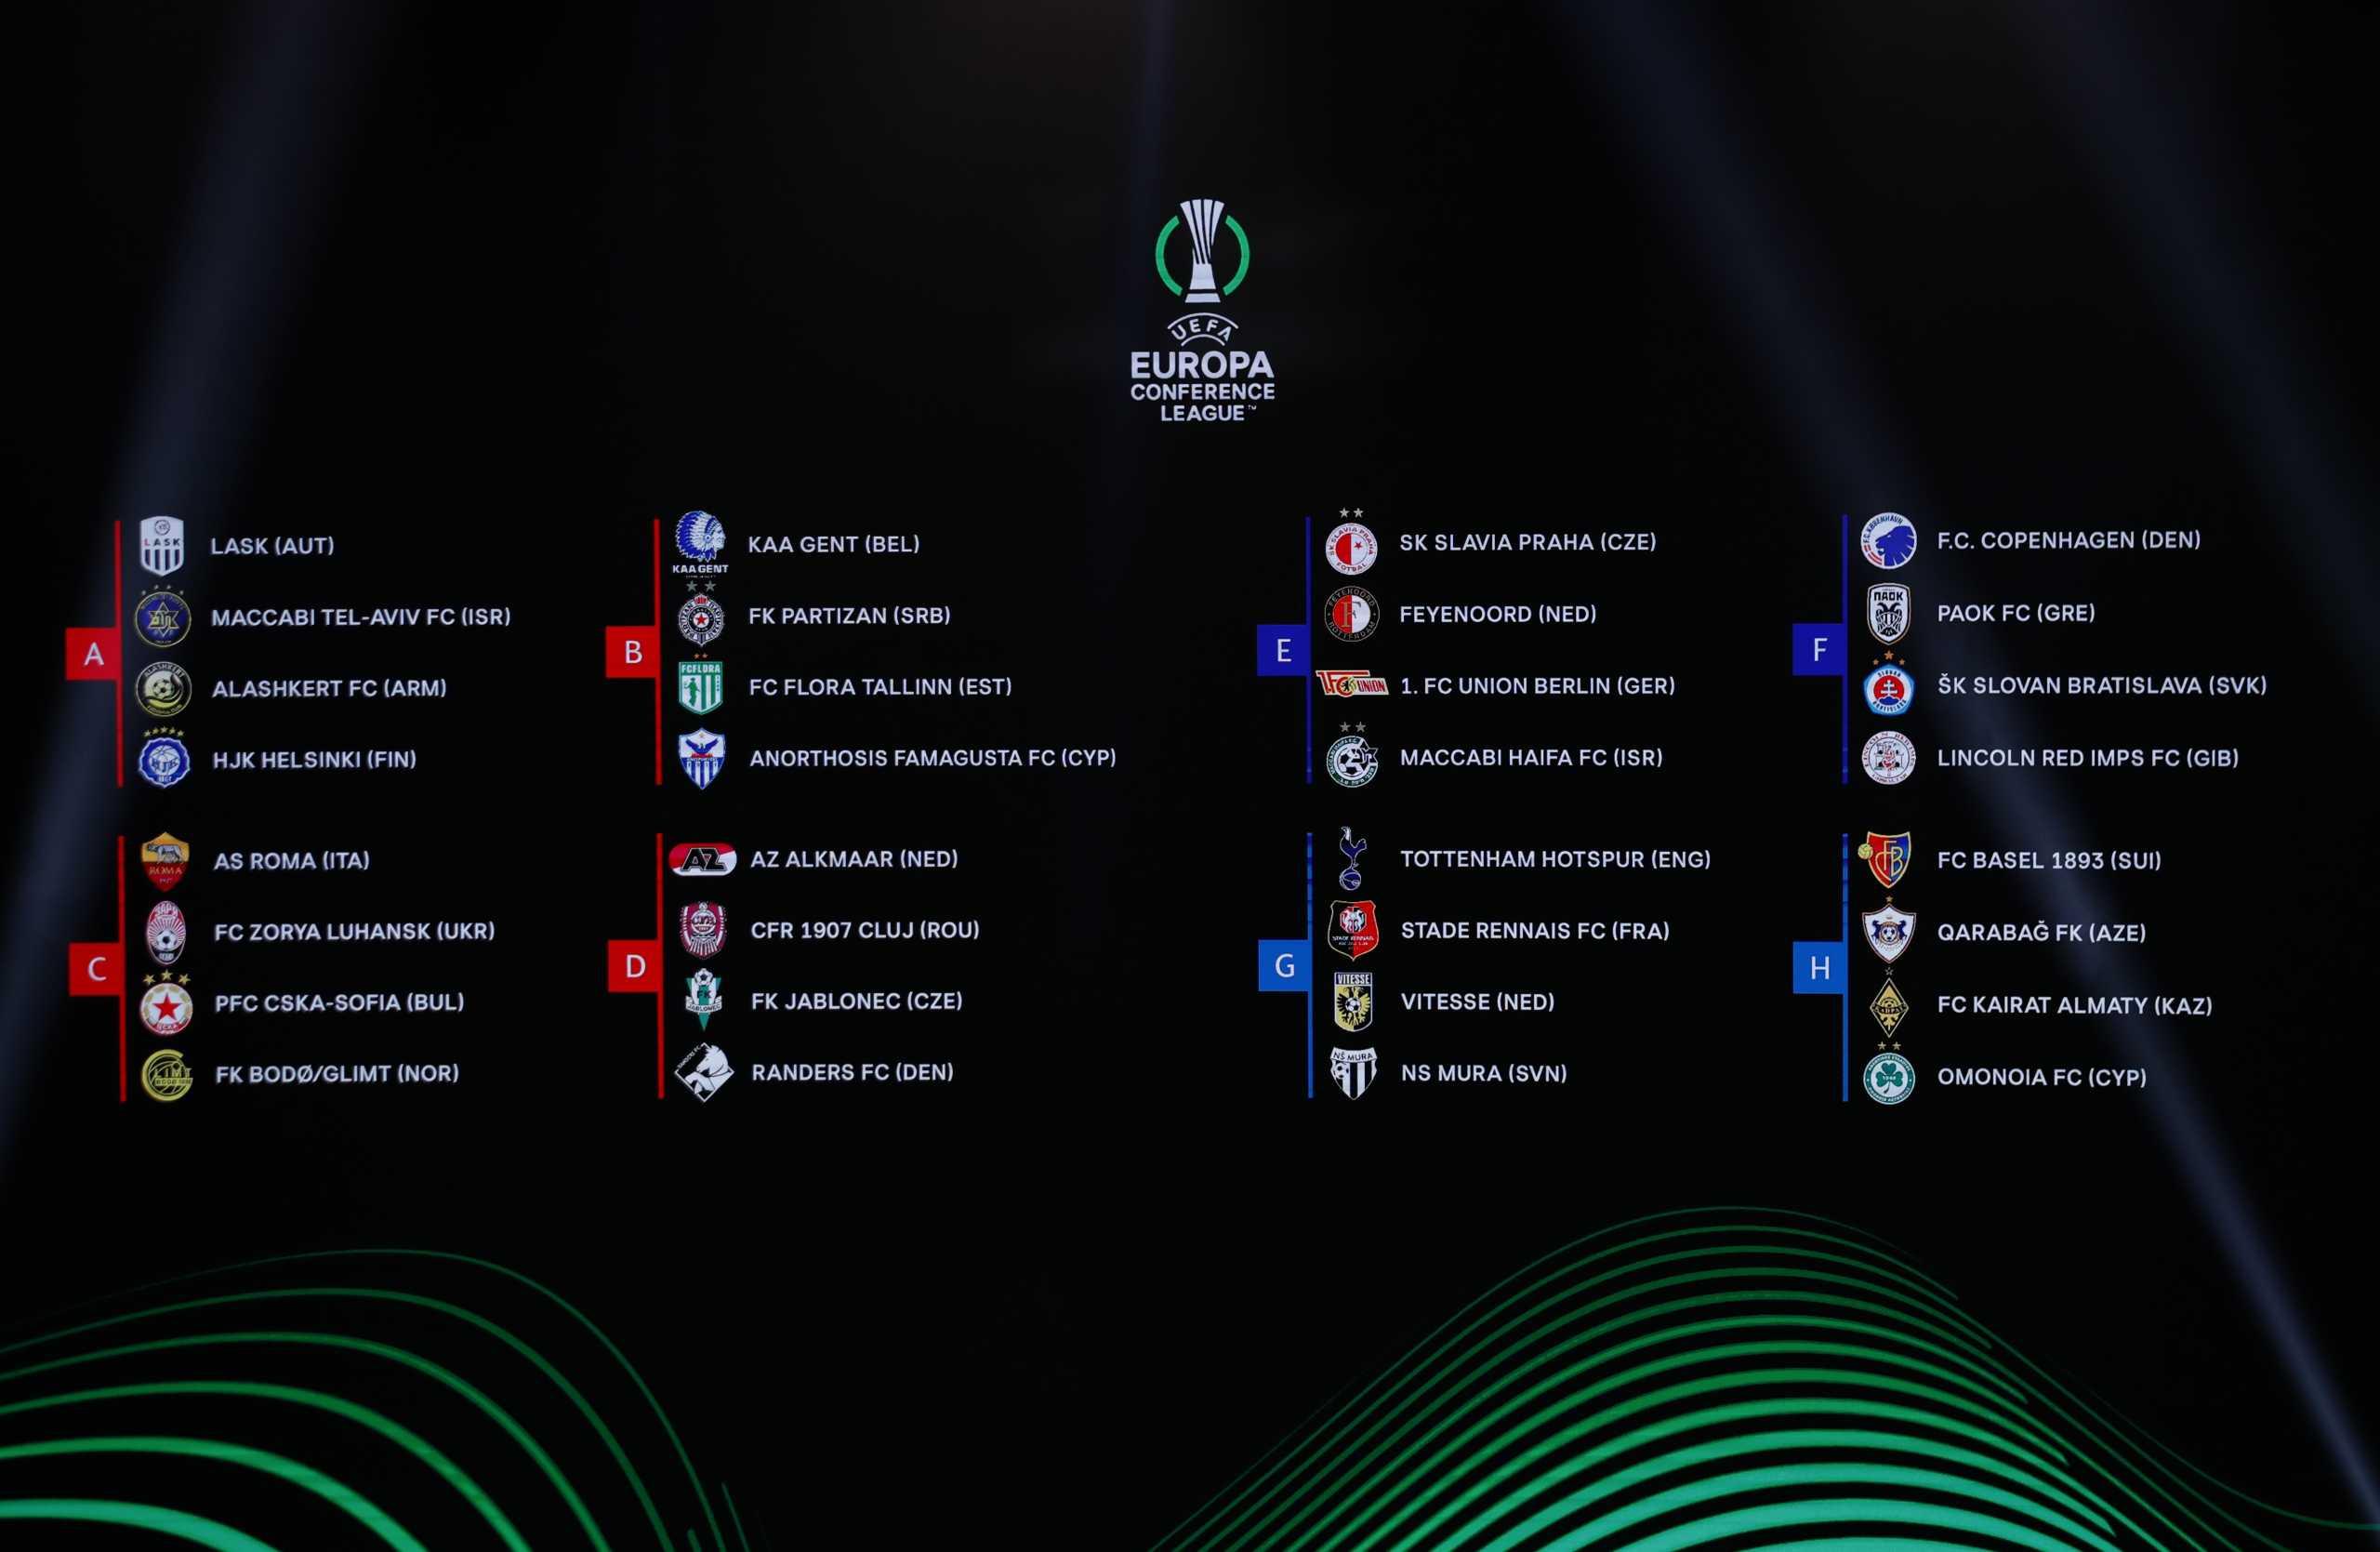 ΠΑΟΚ – Conference League: Το προφίλ των Κοπεγχάγη, Σλόβαν Μπρατισλάβας και Λίνκολν